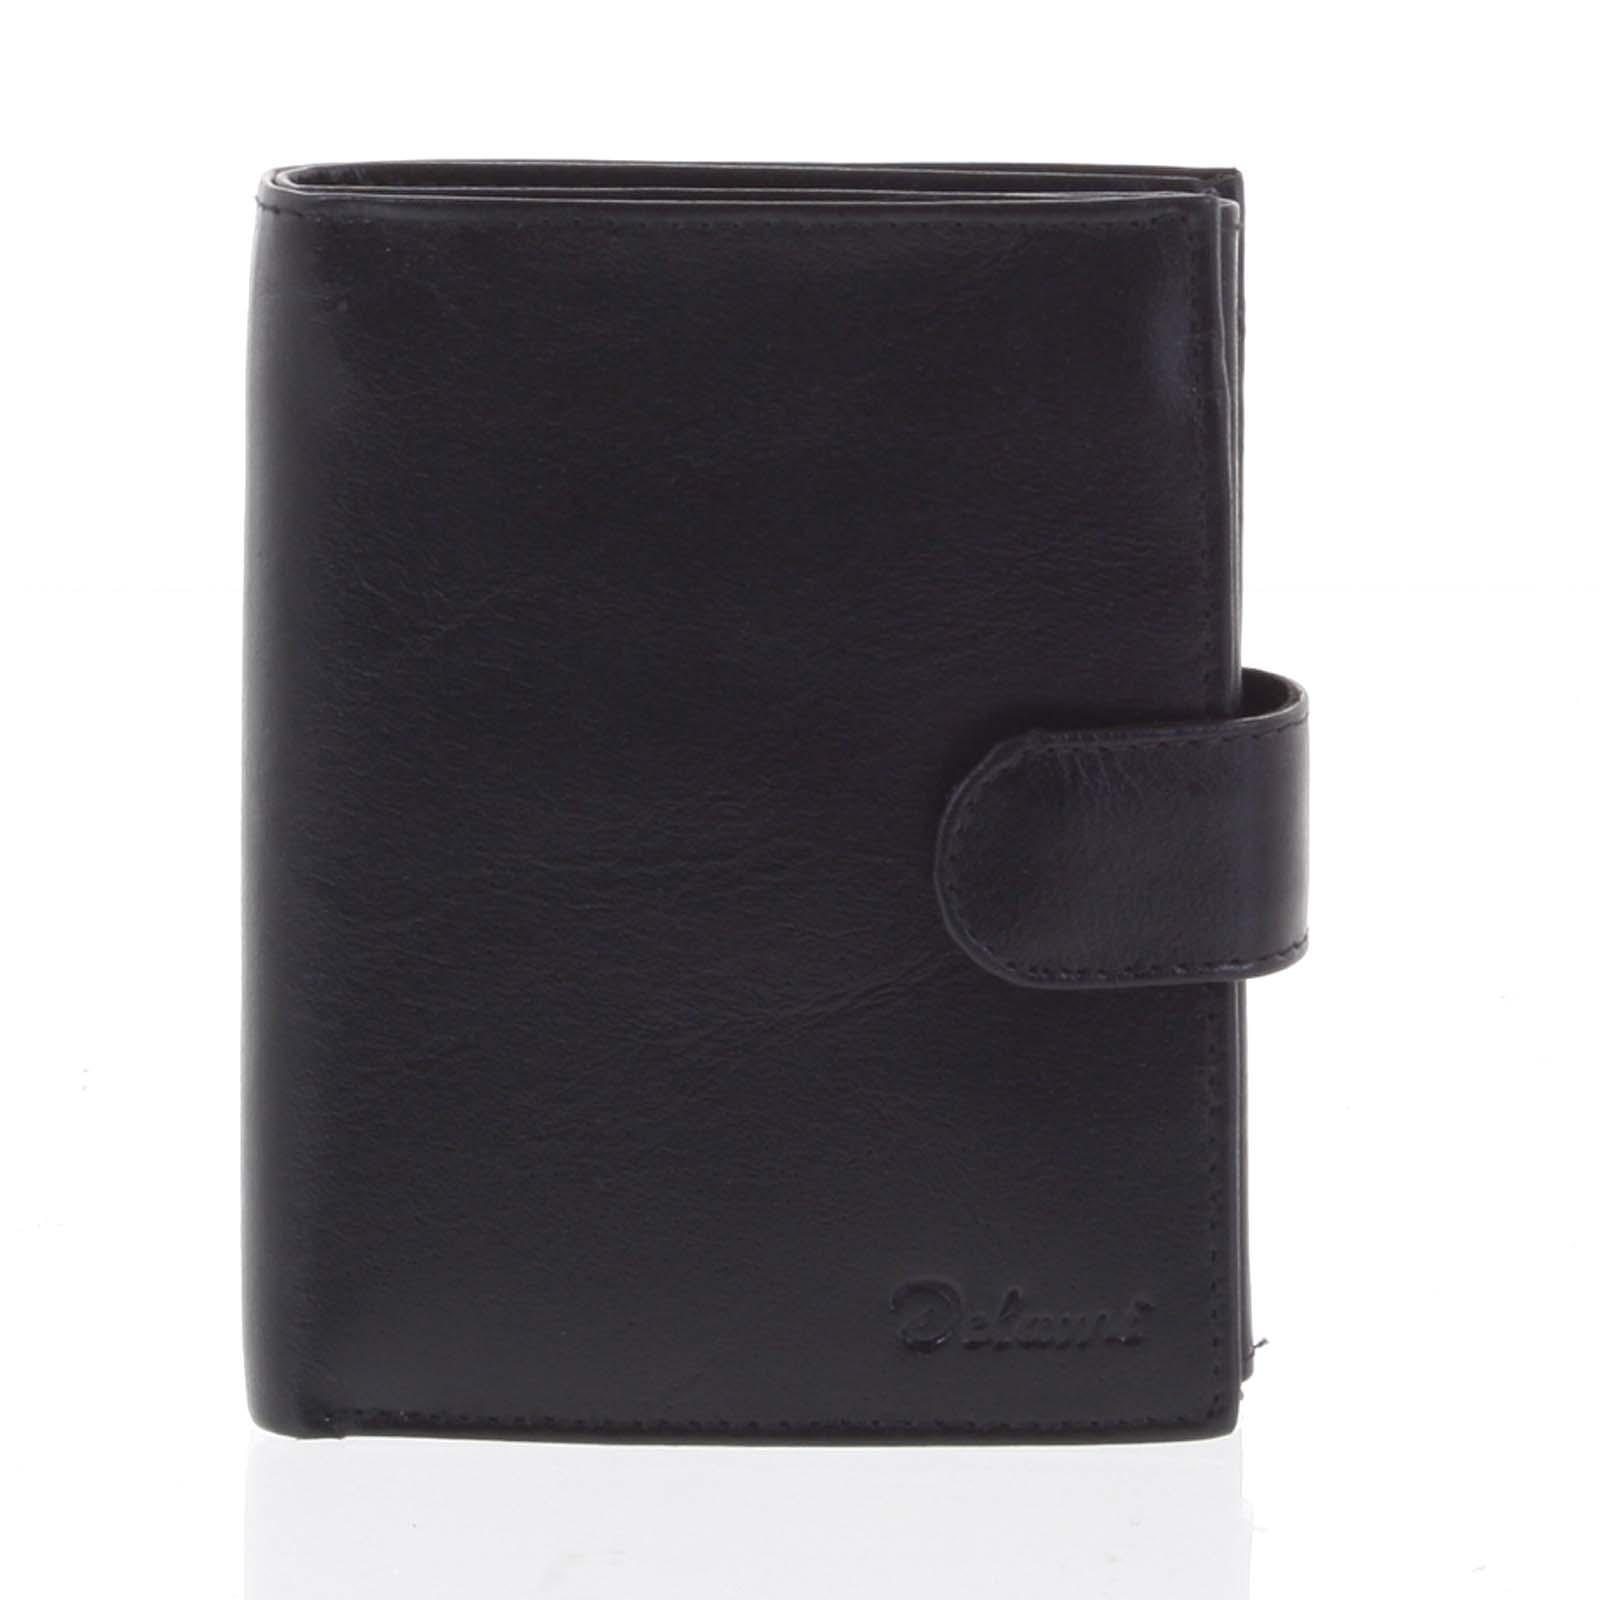 Pánska kožená čierna peňaženka so zápinkou - Delami Lunivers